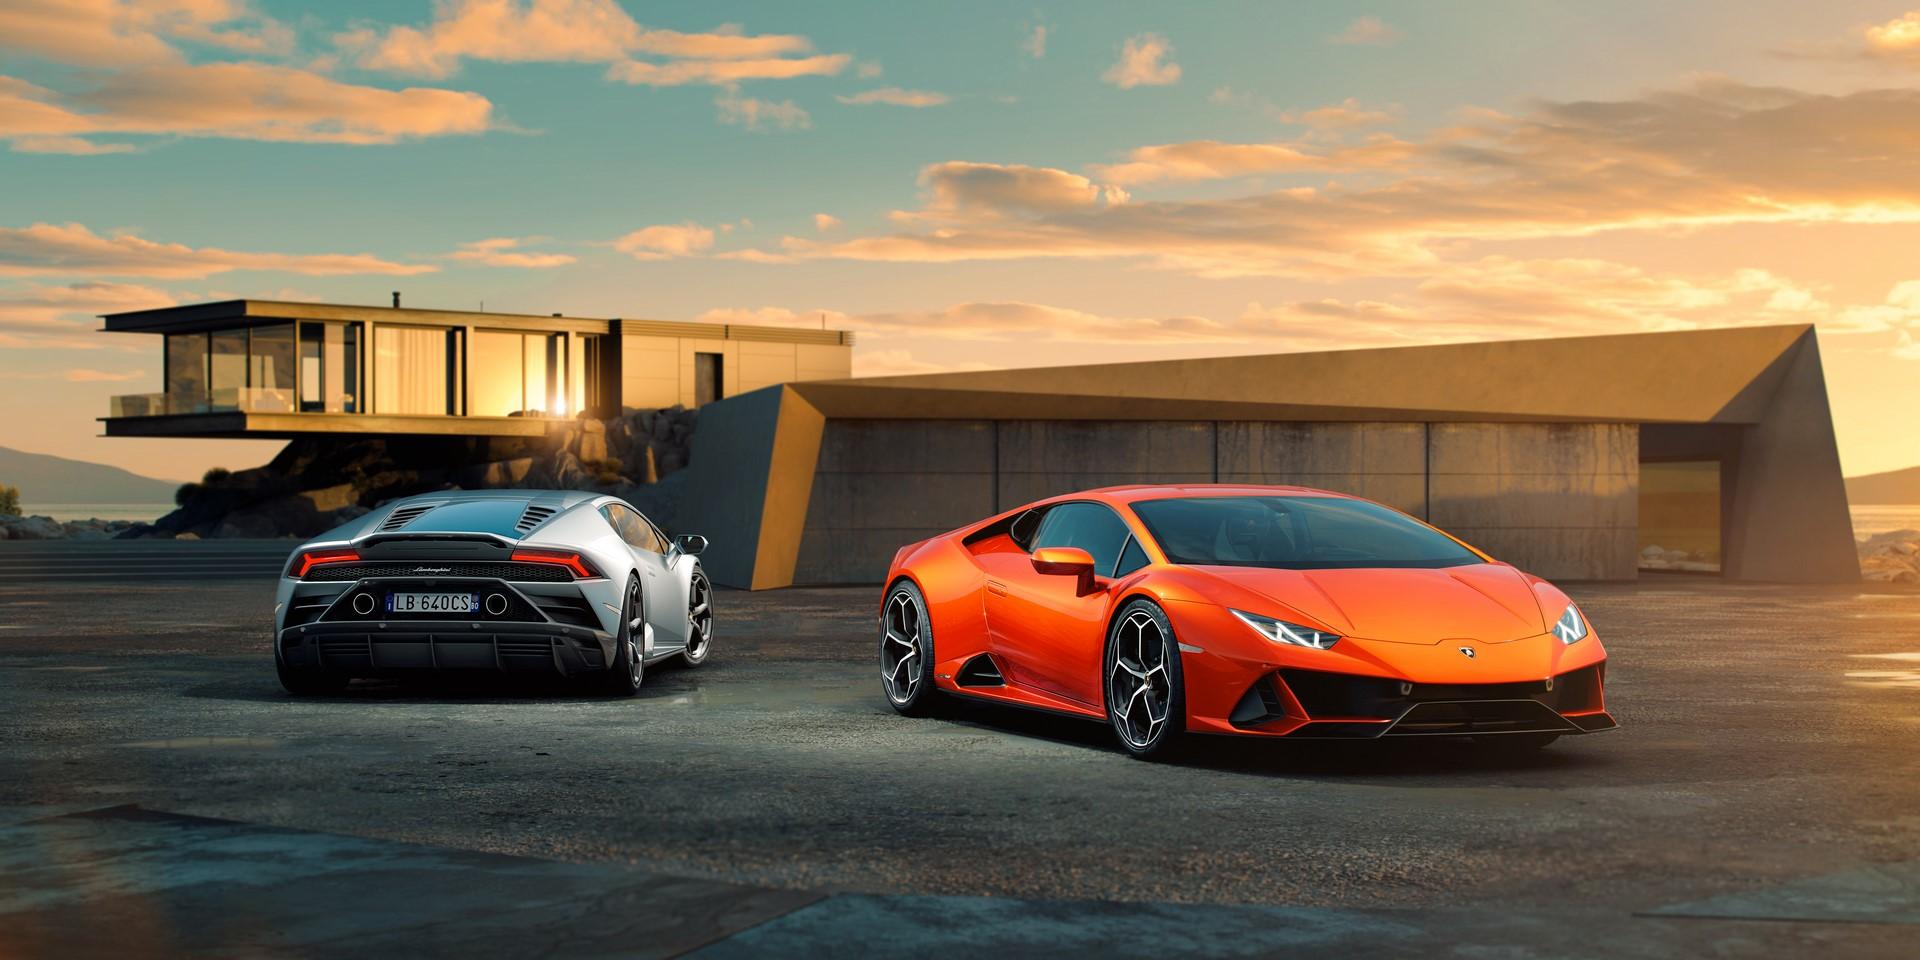 Lamborghini Huracan Evo 2019 (24)